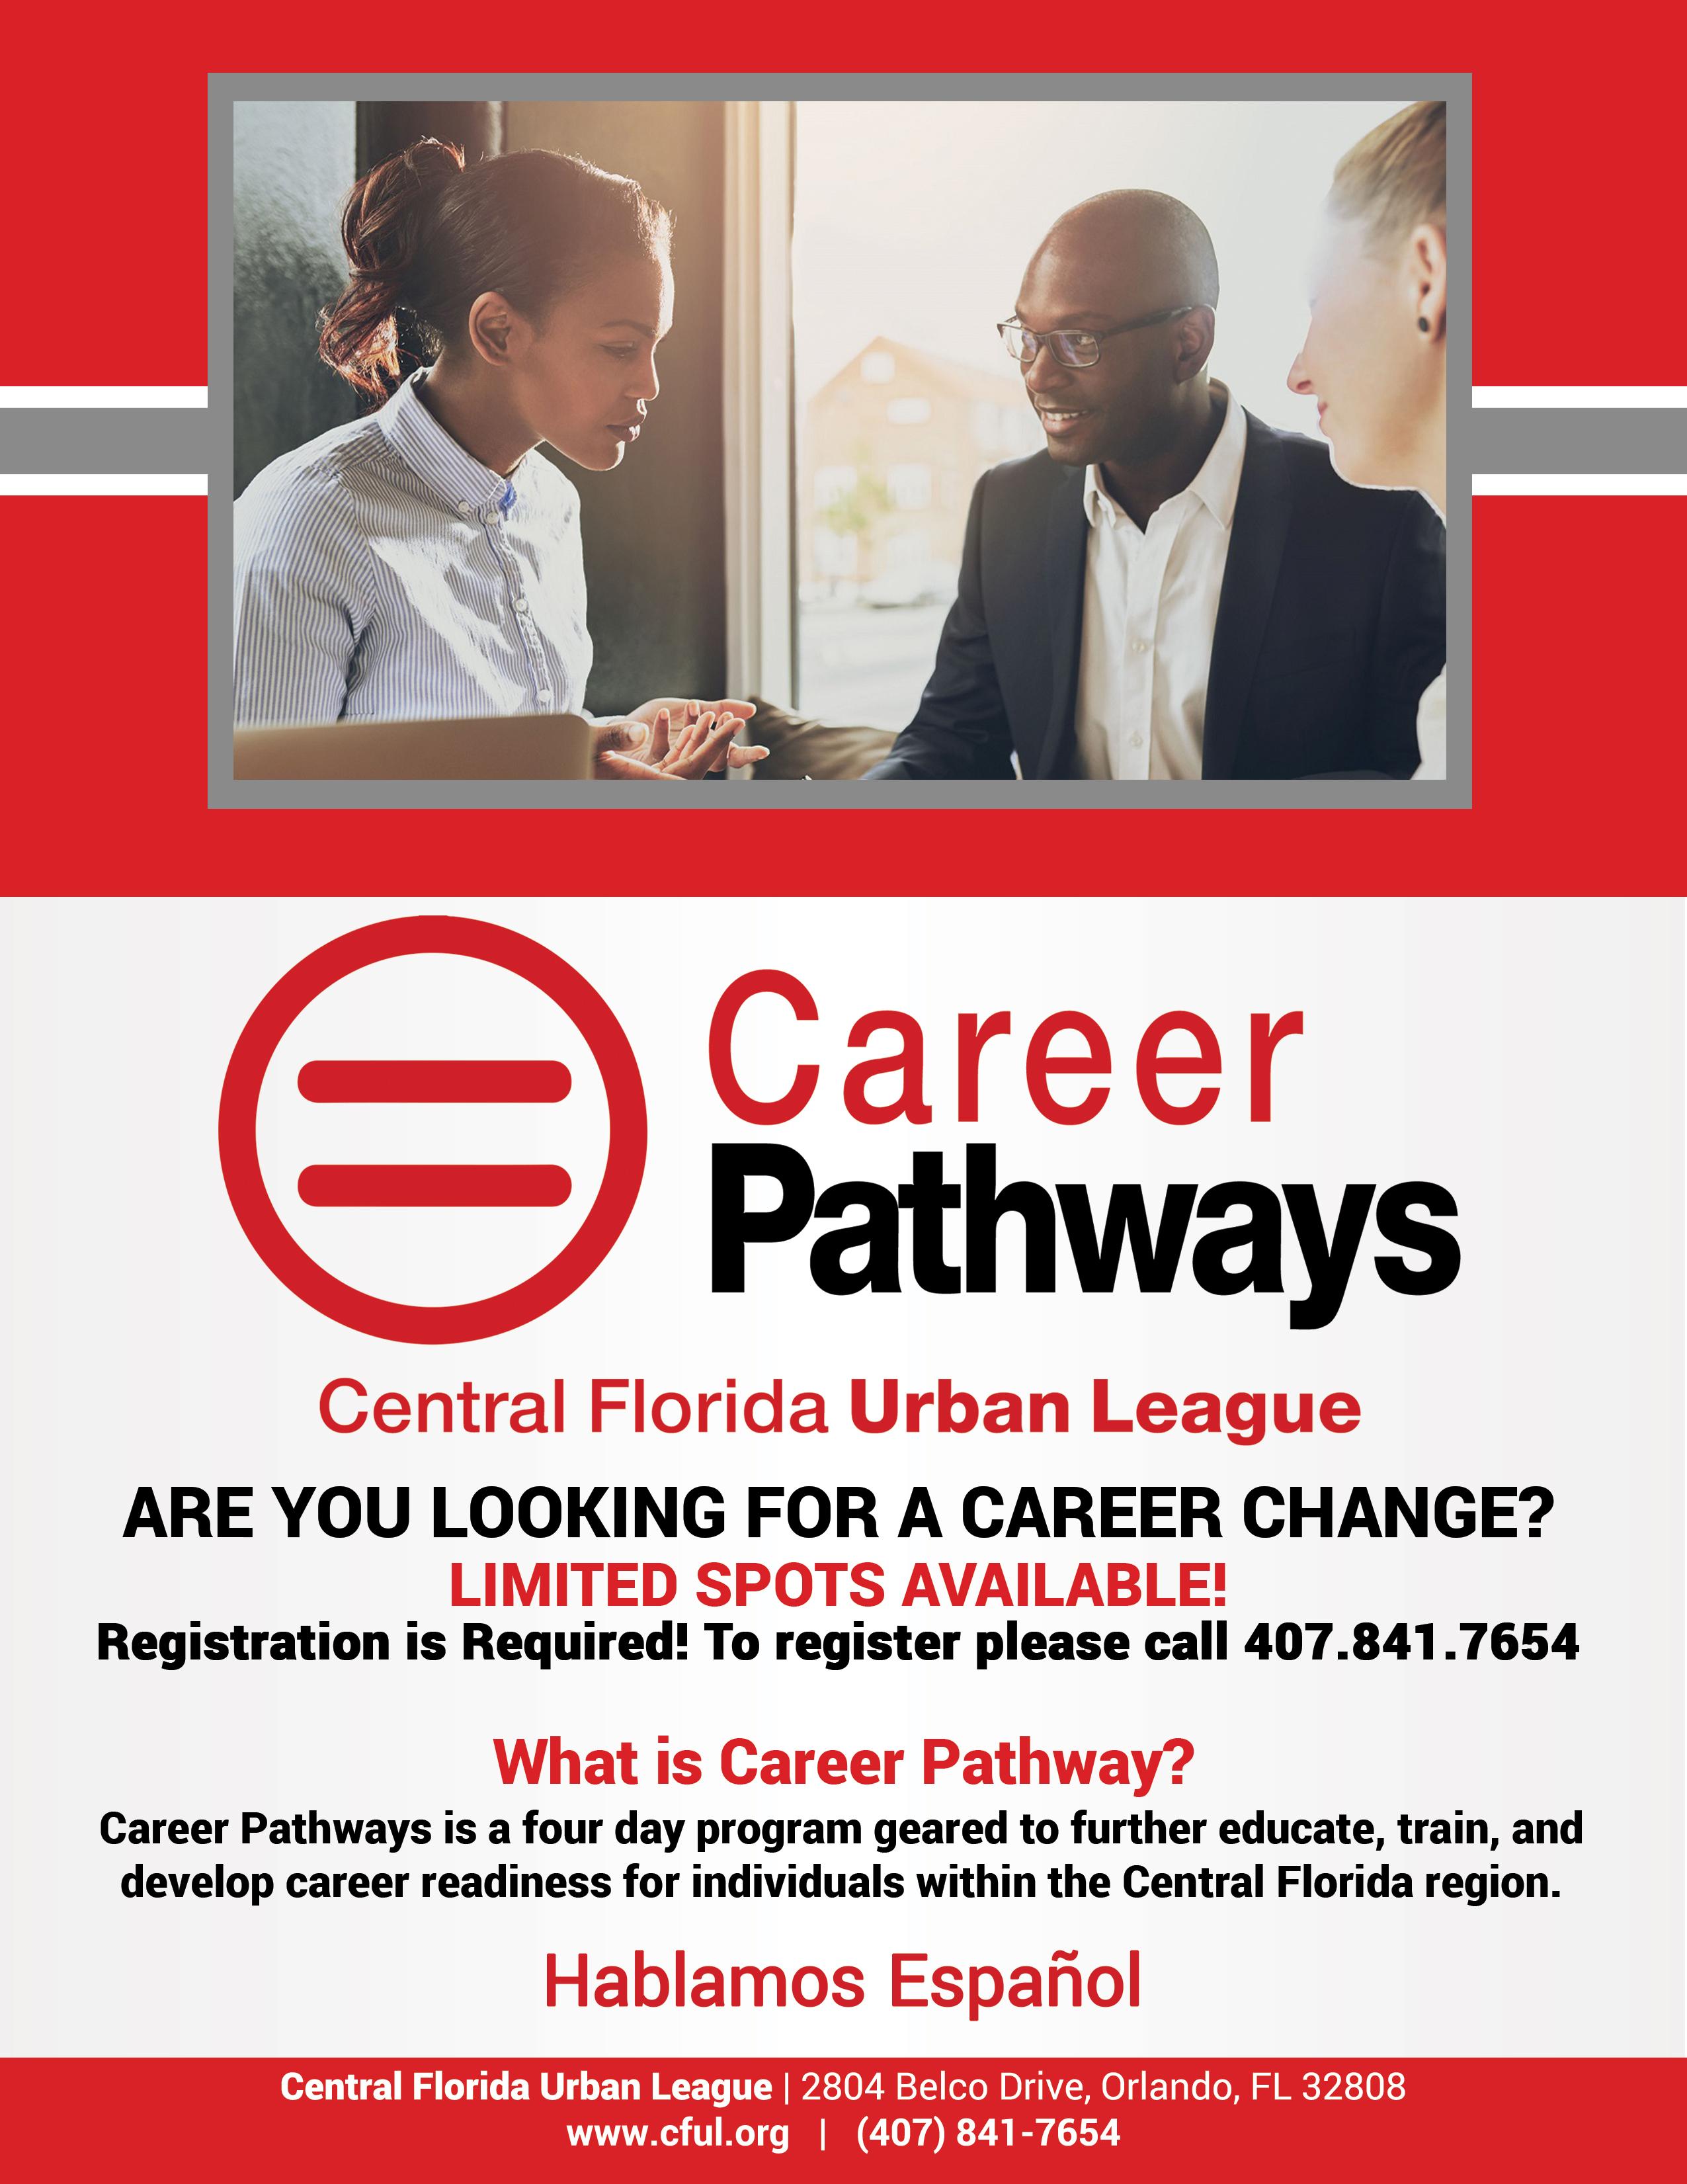 CareerPathways.jpg